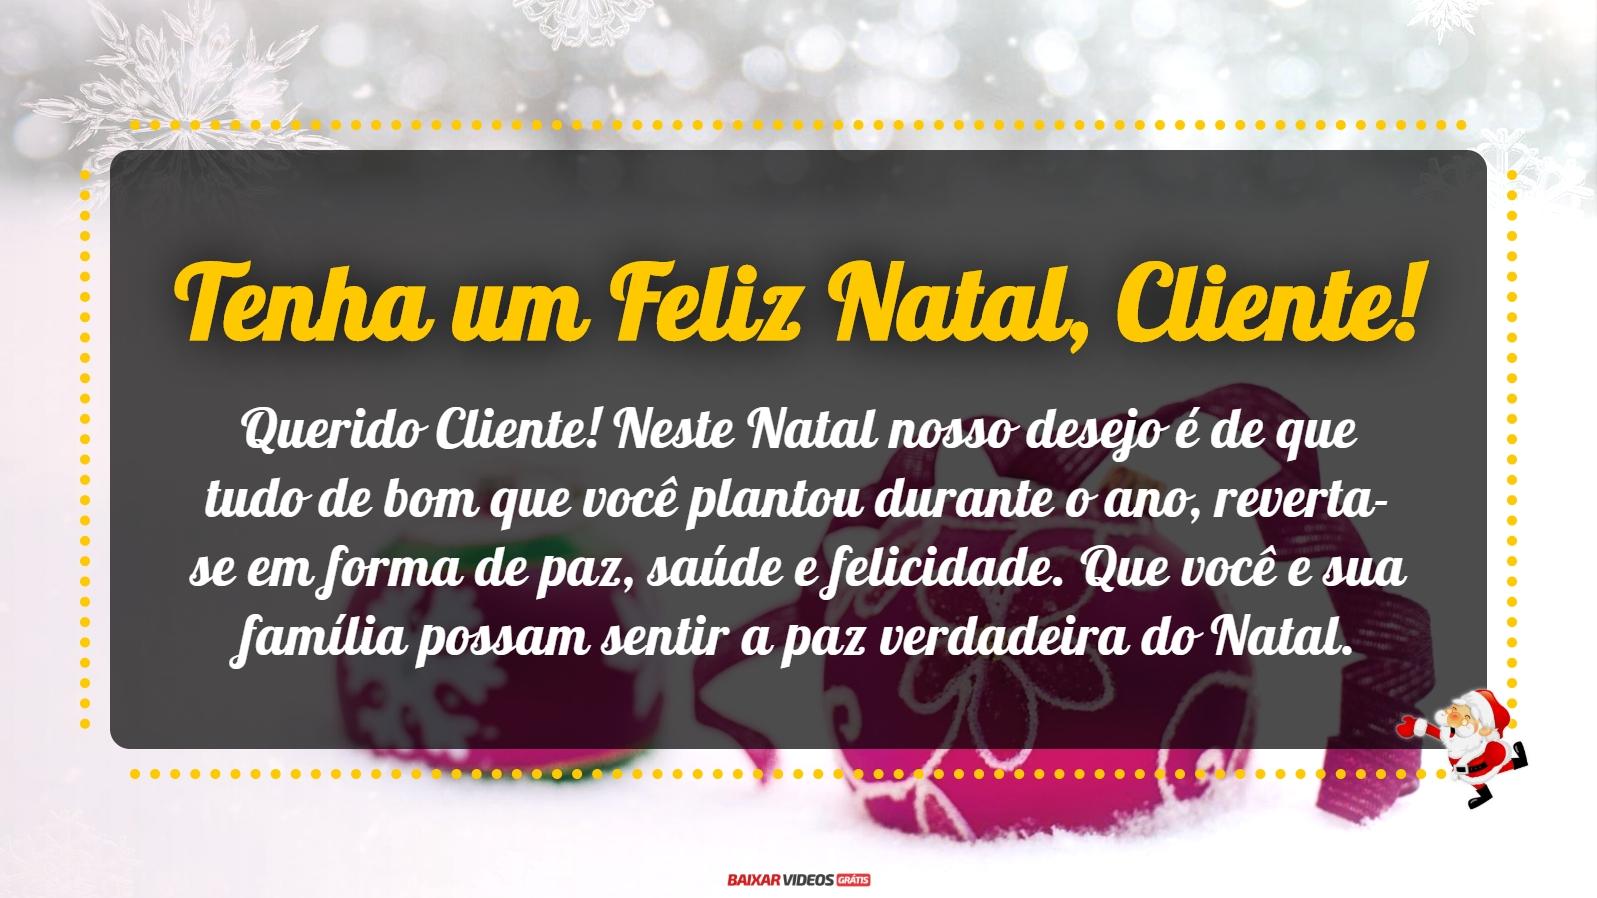 Querido Cliente! Neste Natal nosso desejo é de que tudo de bom que você plantou durante o ano, reverta-se em forma de paz, saúde e felicidade. Que você e sua família possam sentir a paz verdadeira do Natal. Tenha um Feliz Natal!